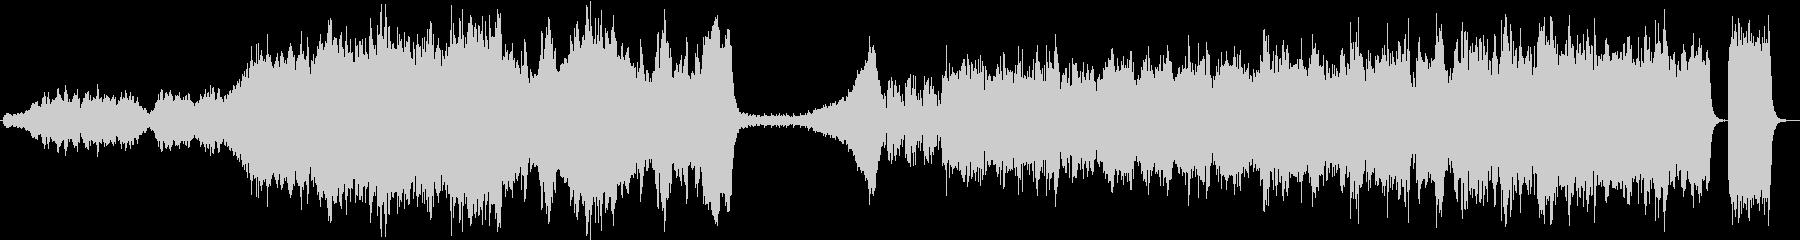 壮大なエピックミュージックの未再生の波形